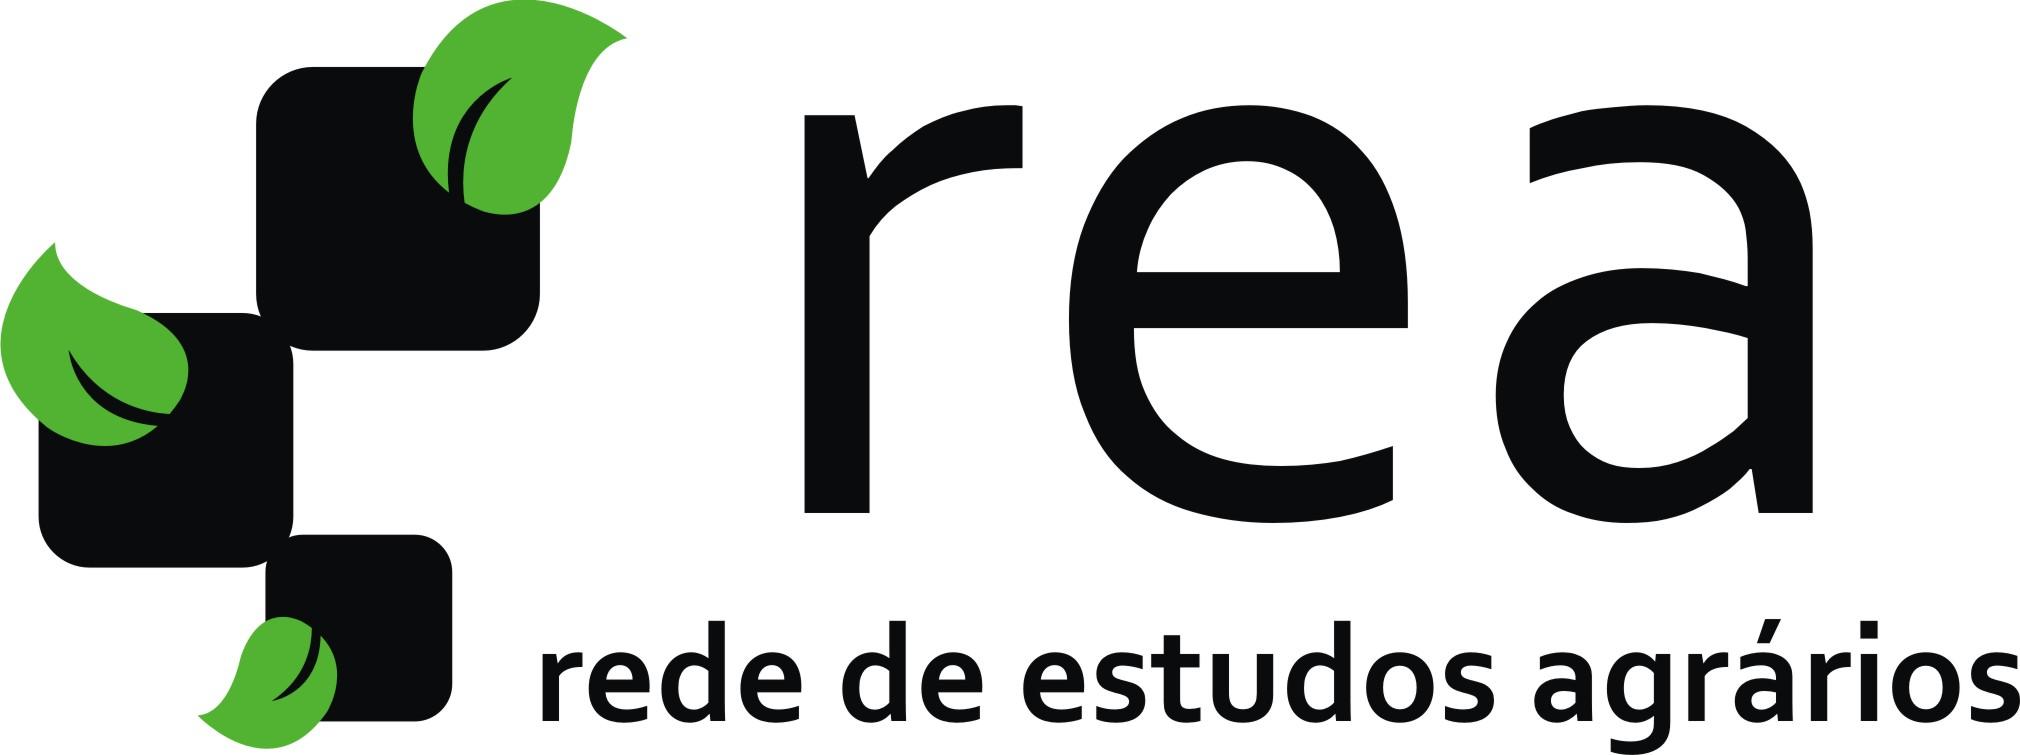 https://wp.ufpel.edu.br/leaa/files/2014/06/logo-rea.jpg